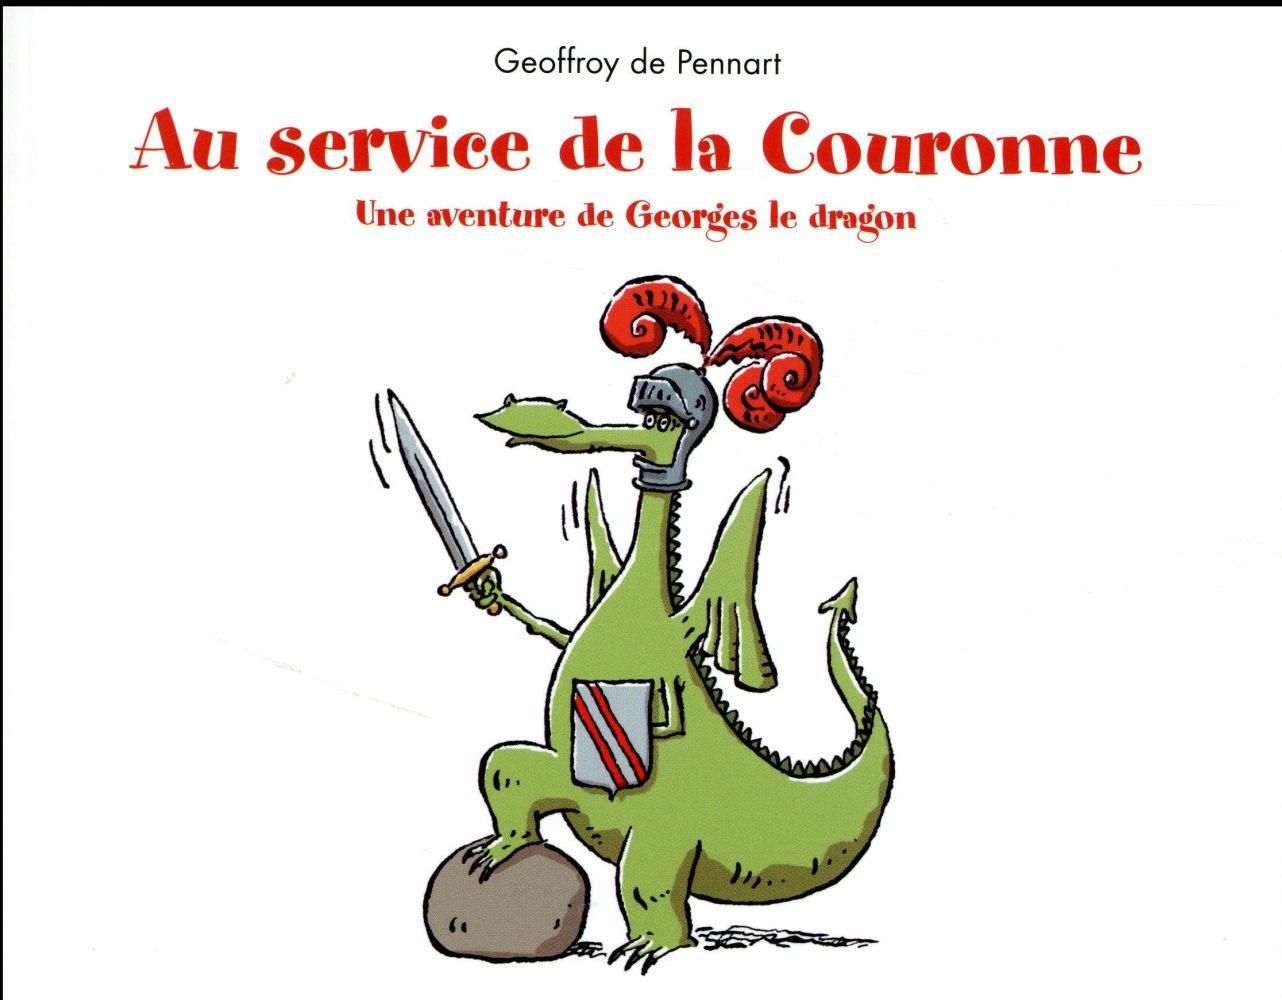 AU SERVICE DE LA COURONNE